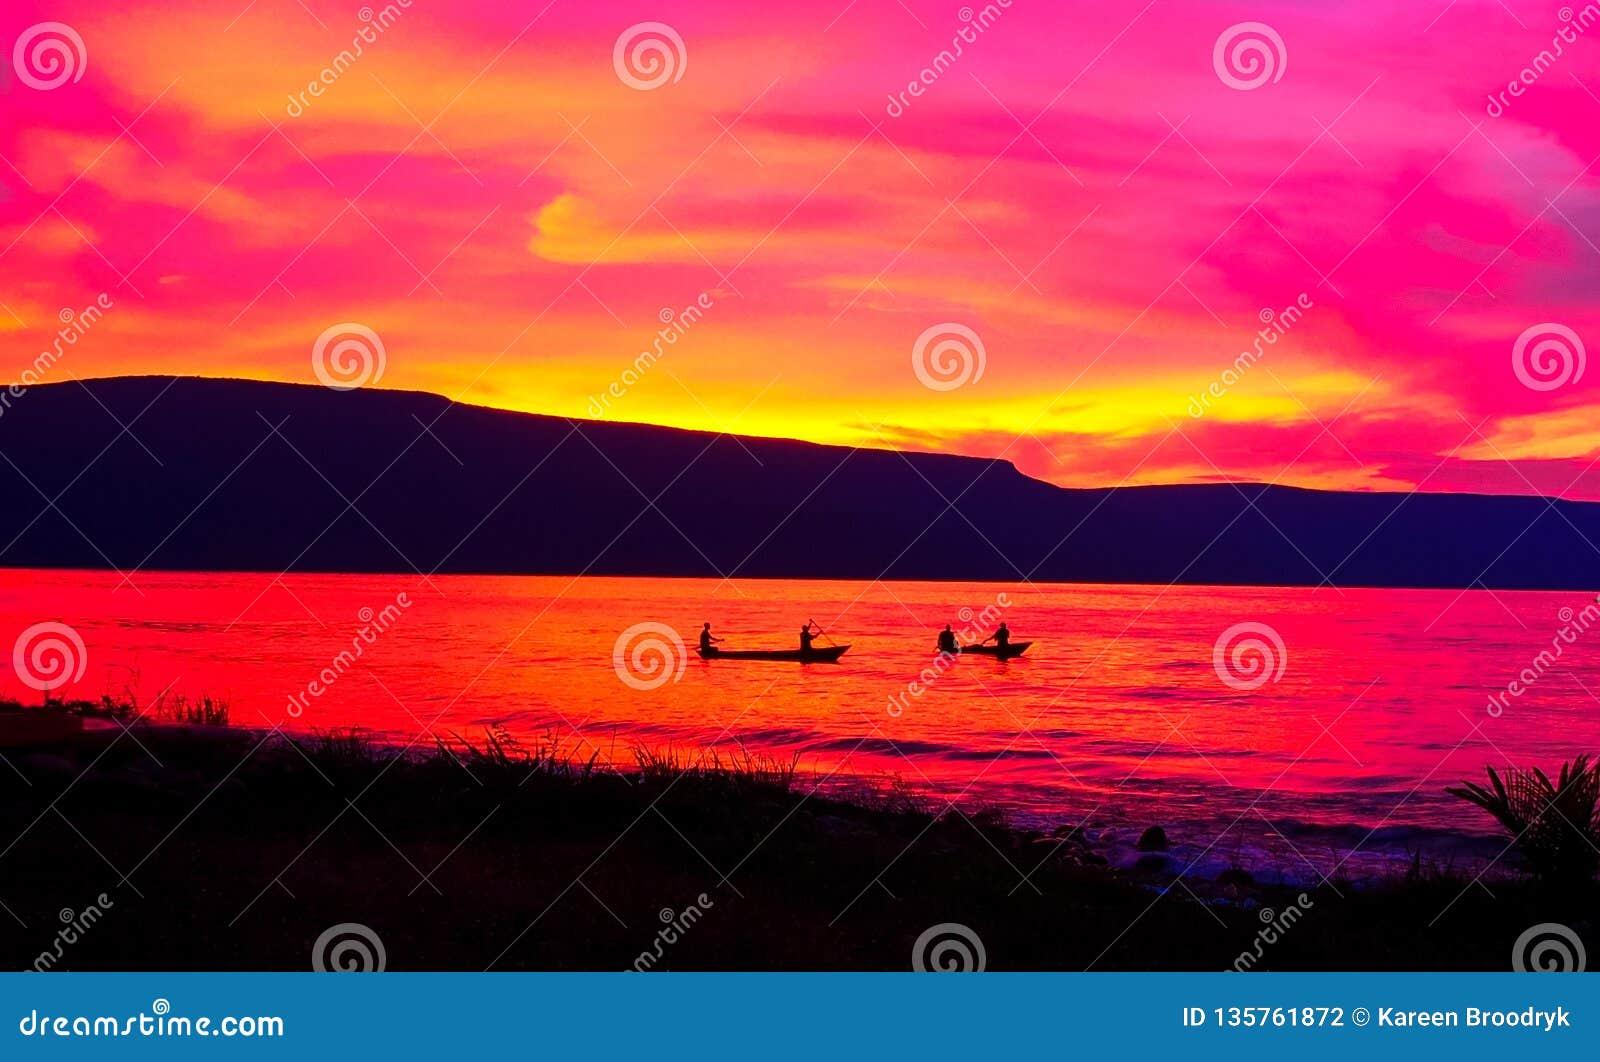 Puesta del sol roja anaranjada sobre el lago Tanganica